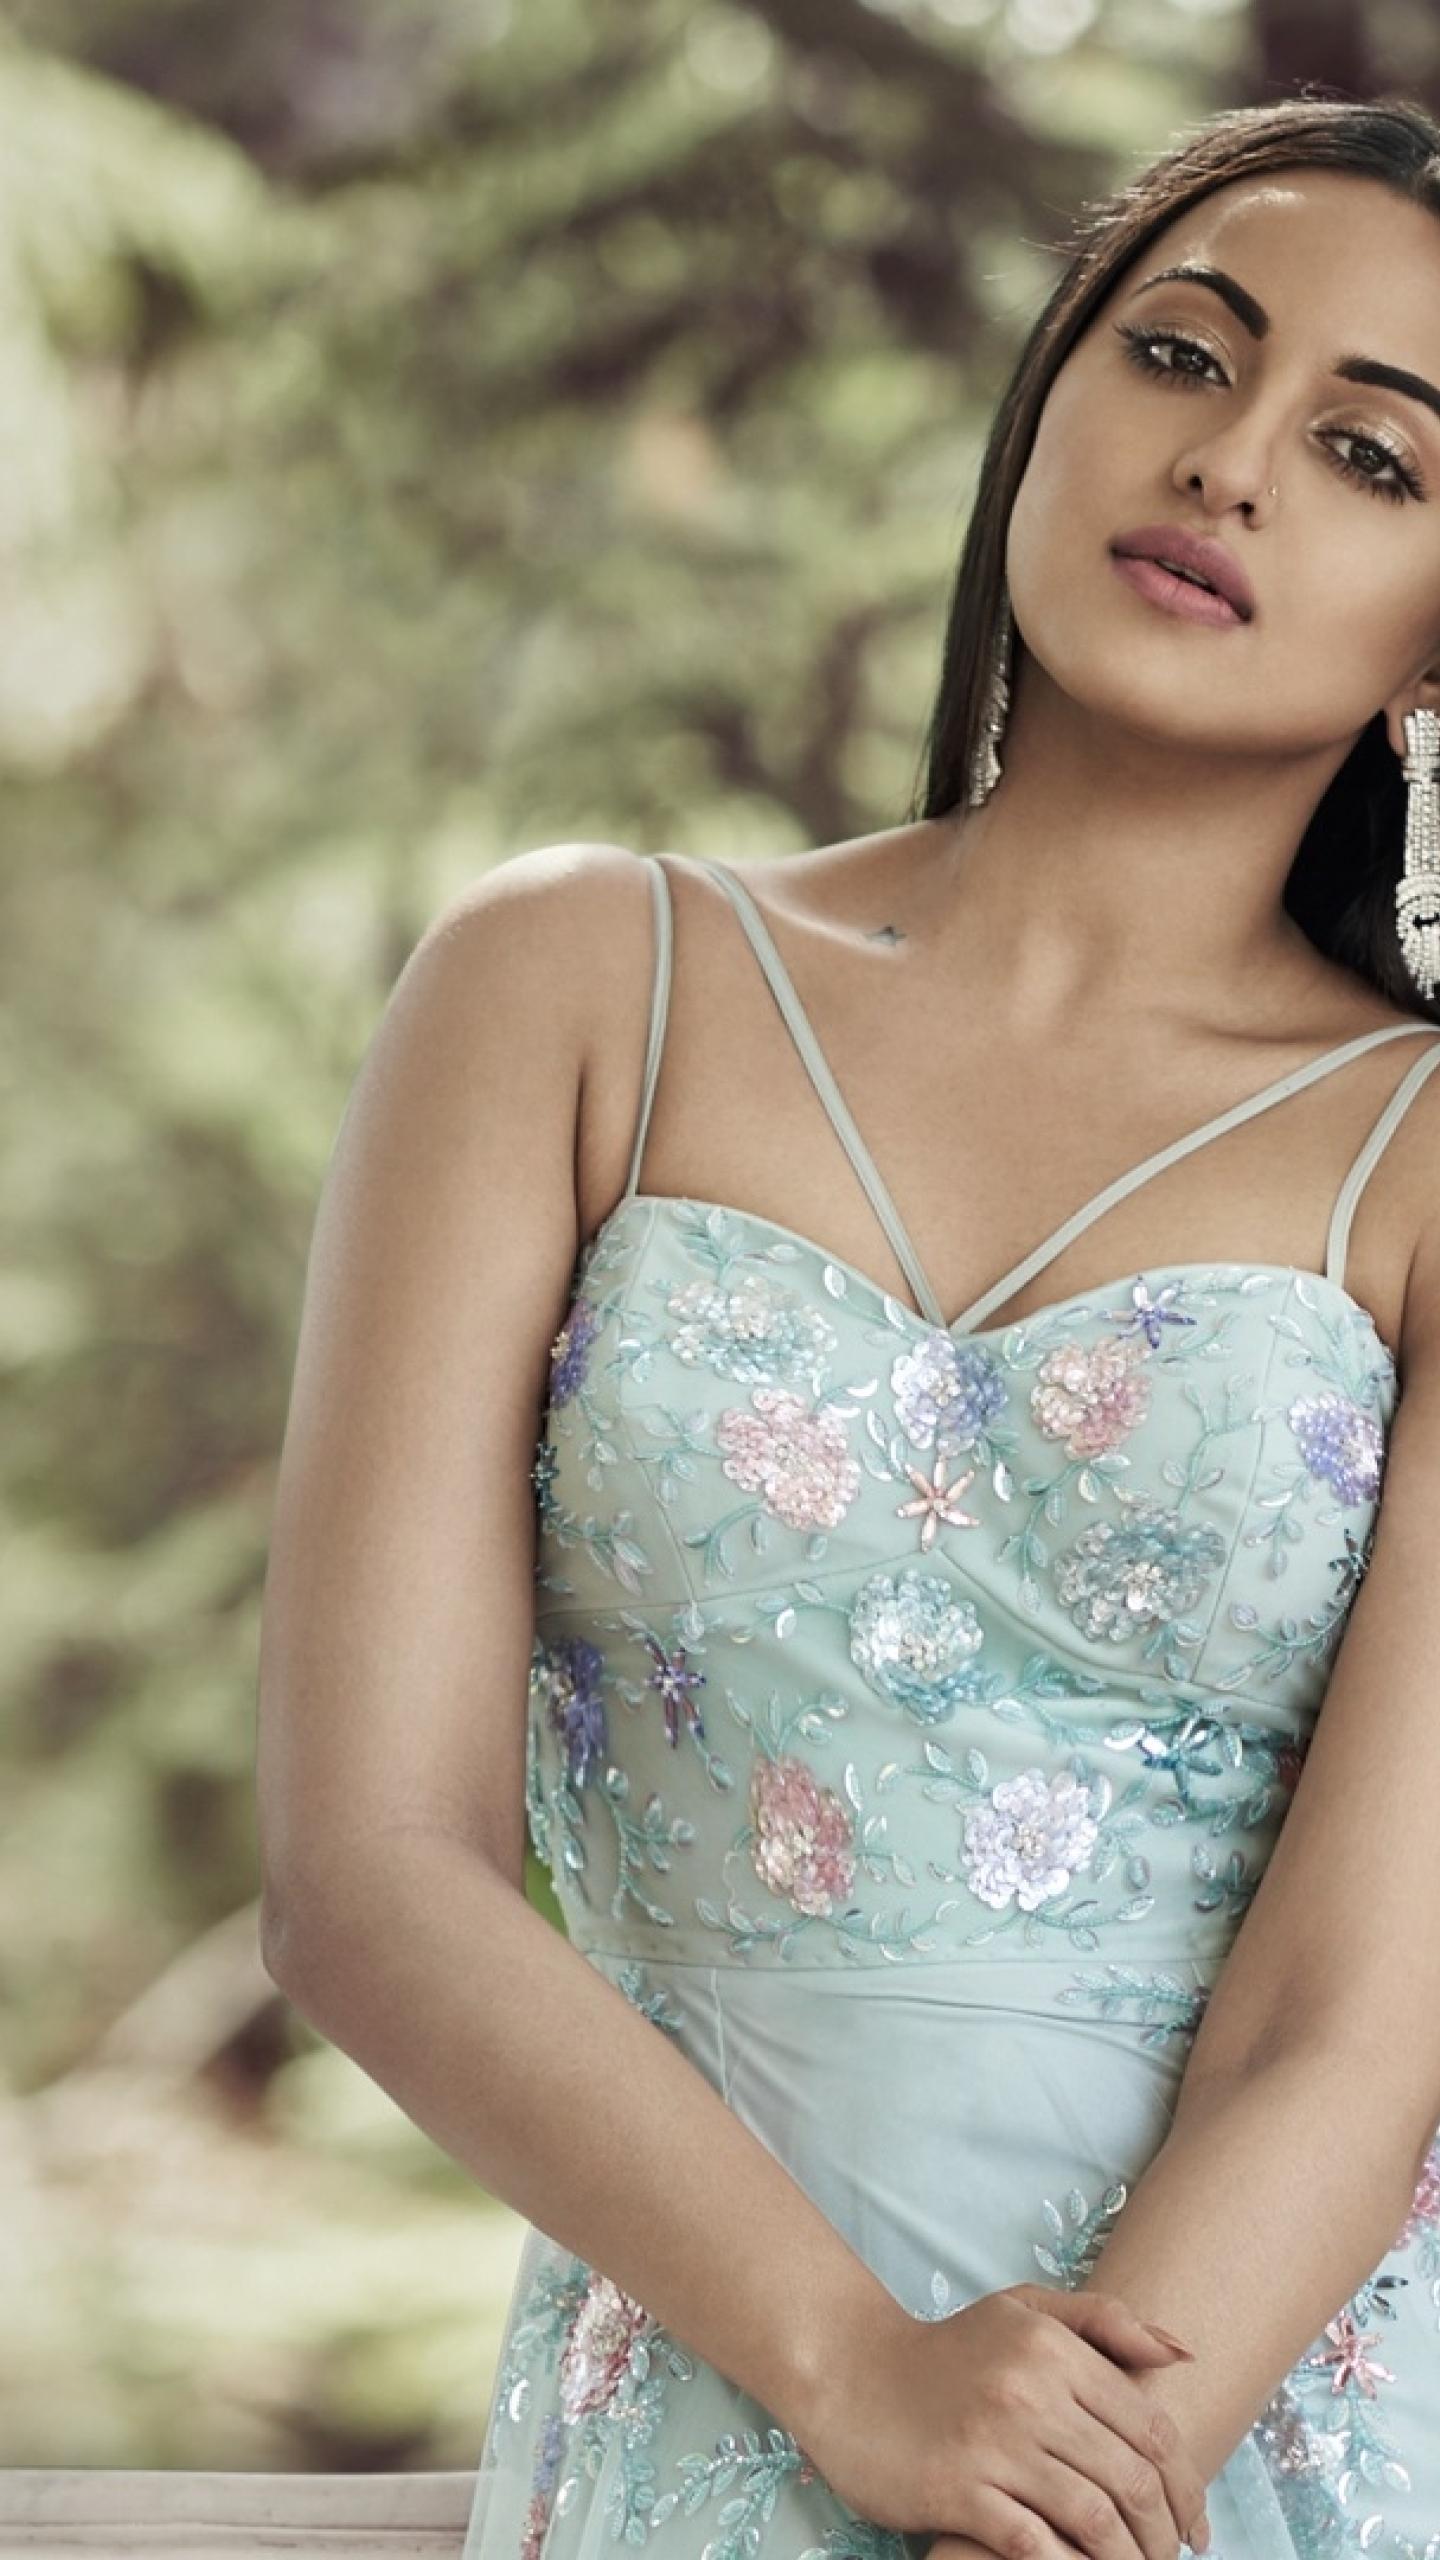 Sonakshi Sinha Hot 2017, Full Hd Wallpaper-8845